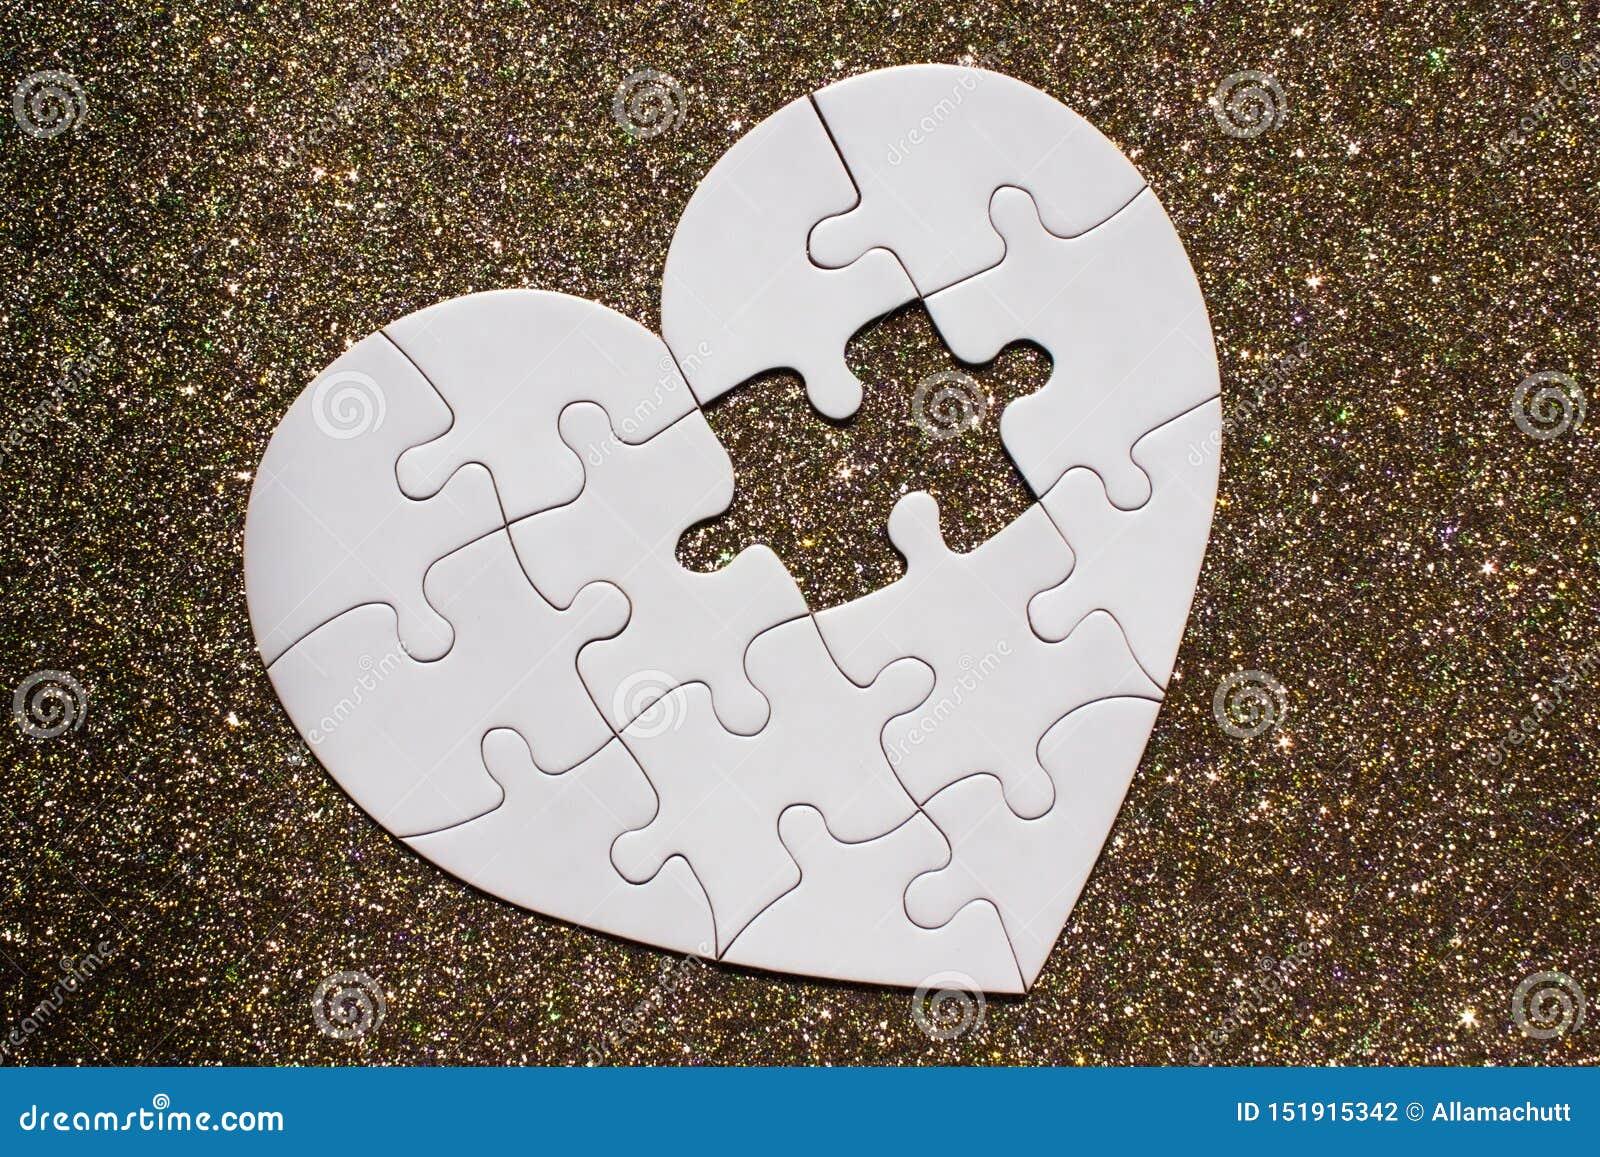 Biały serce kształtował łamigłówkę na złotym błyszczącym tle